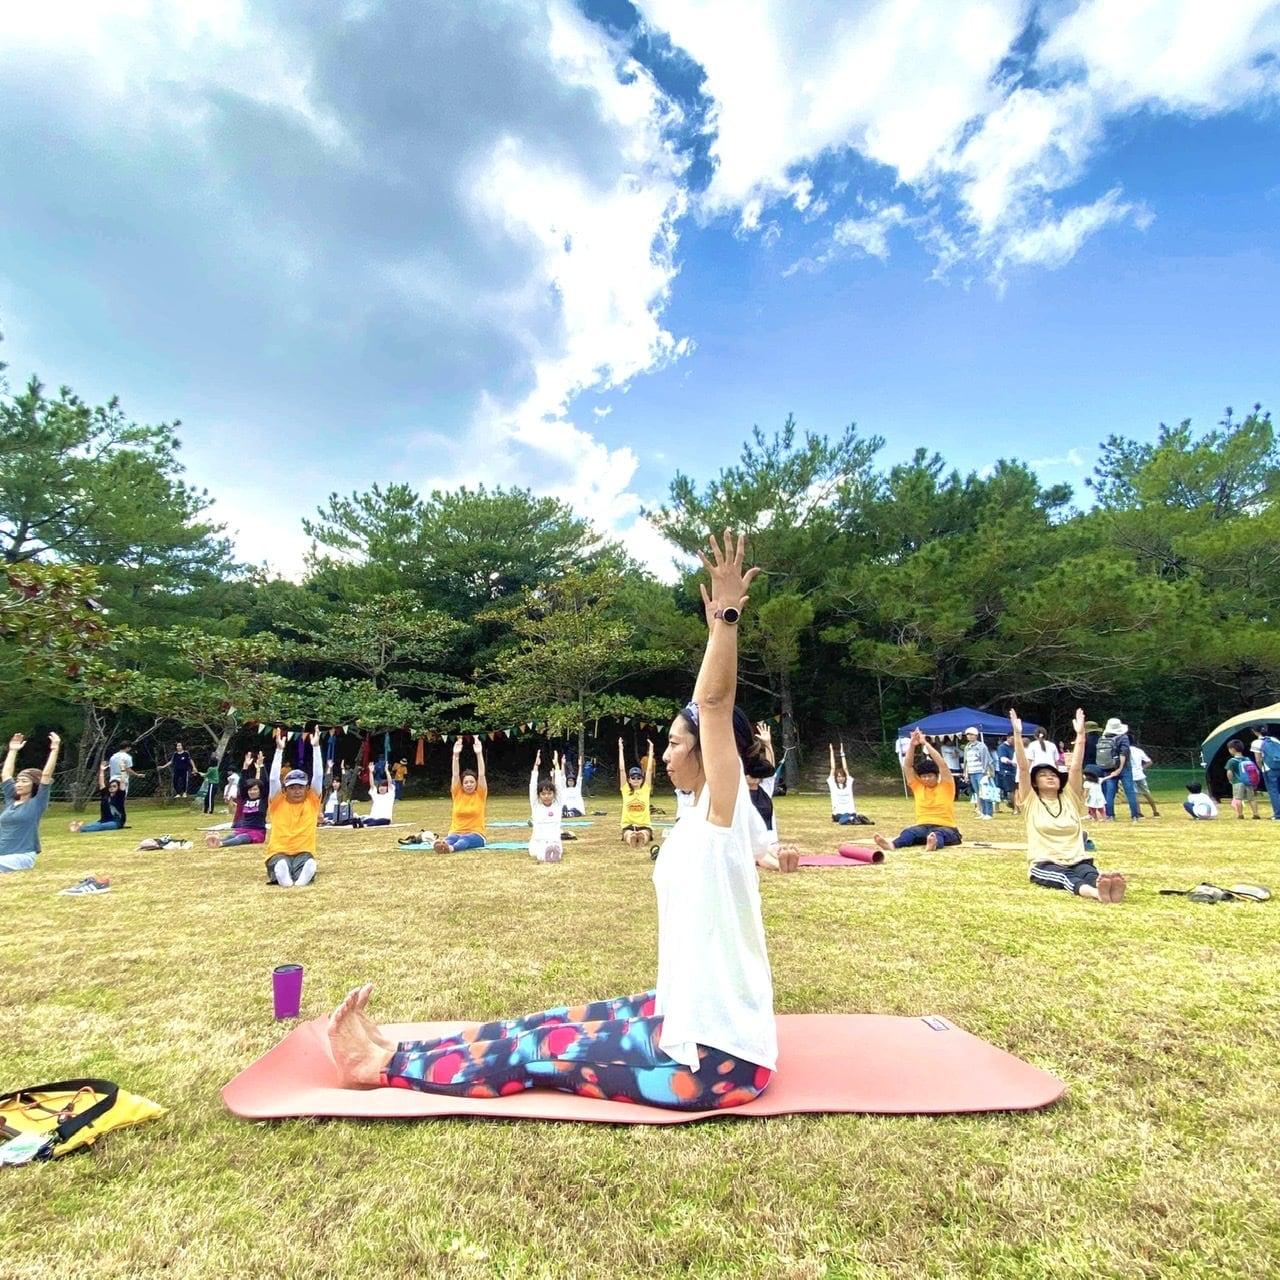 沖縄ヨガ|サンライズヨガ&瞑想〜西海岸でビーチヨガ〜2021年1月10日(日)開催のイメージその3